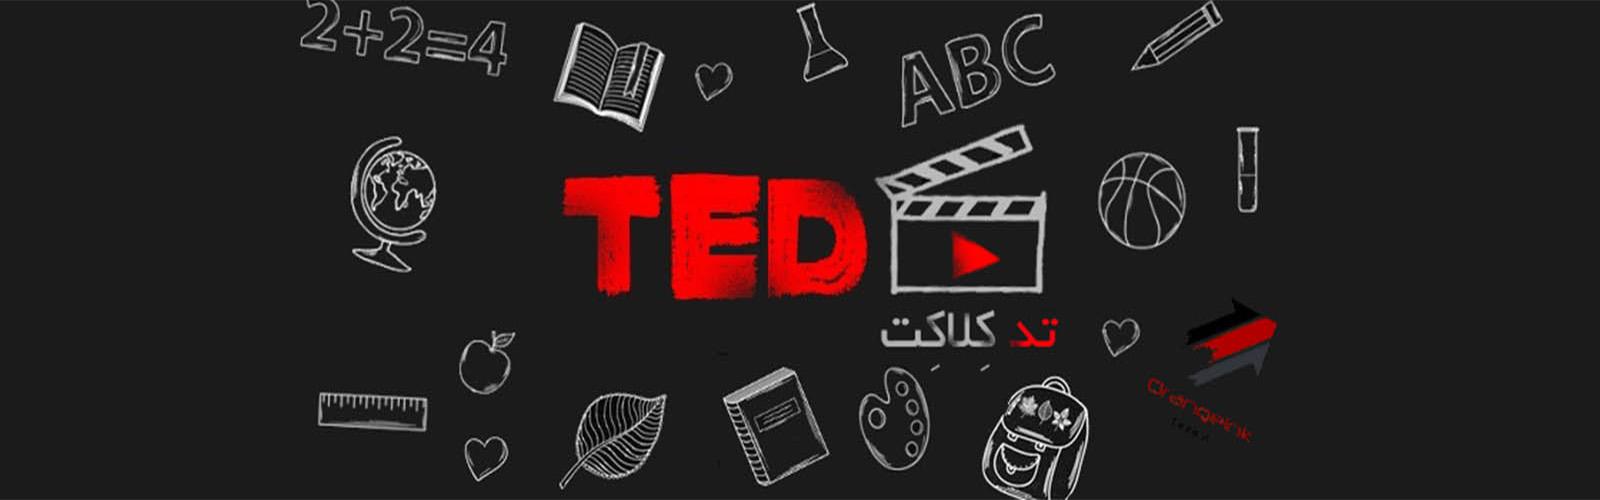 تصویر ابتدایی پروژه ی تد کلاکت